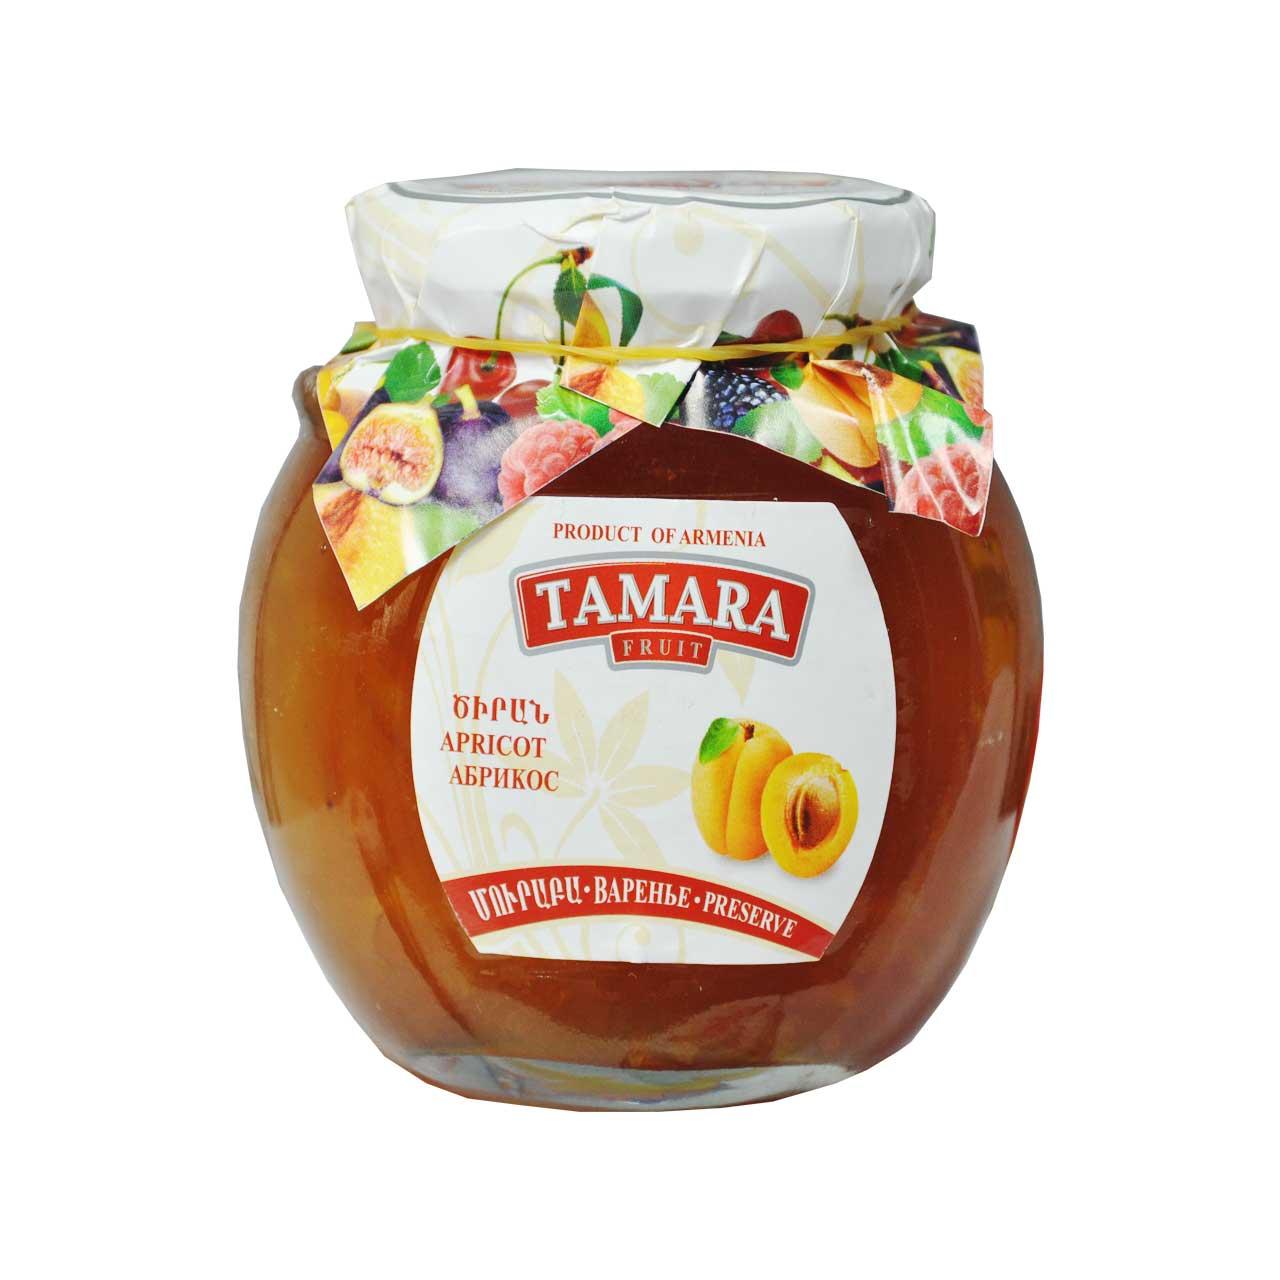 مربا زردآلو تامارا – Tamara